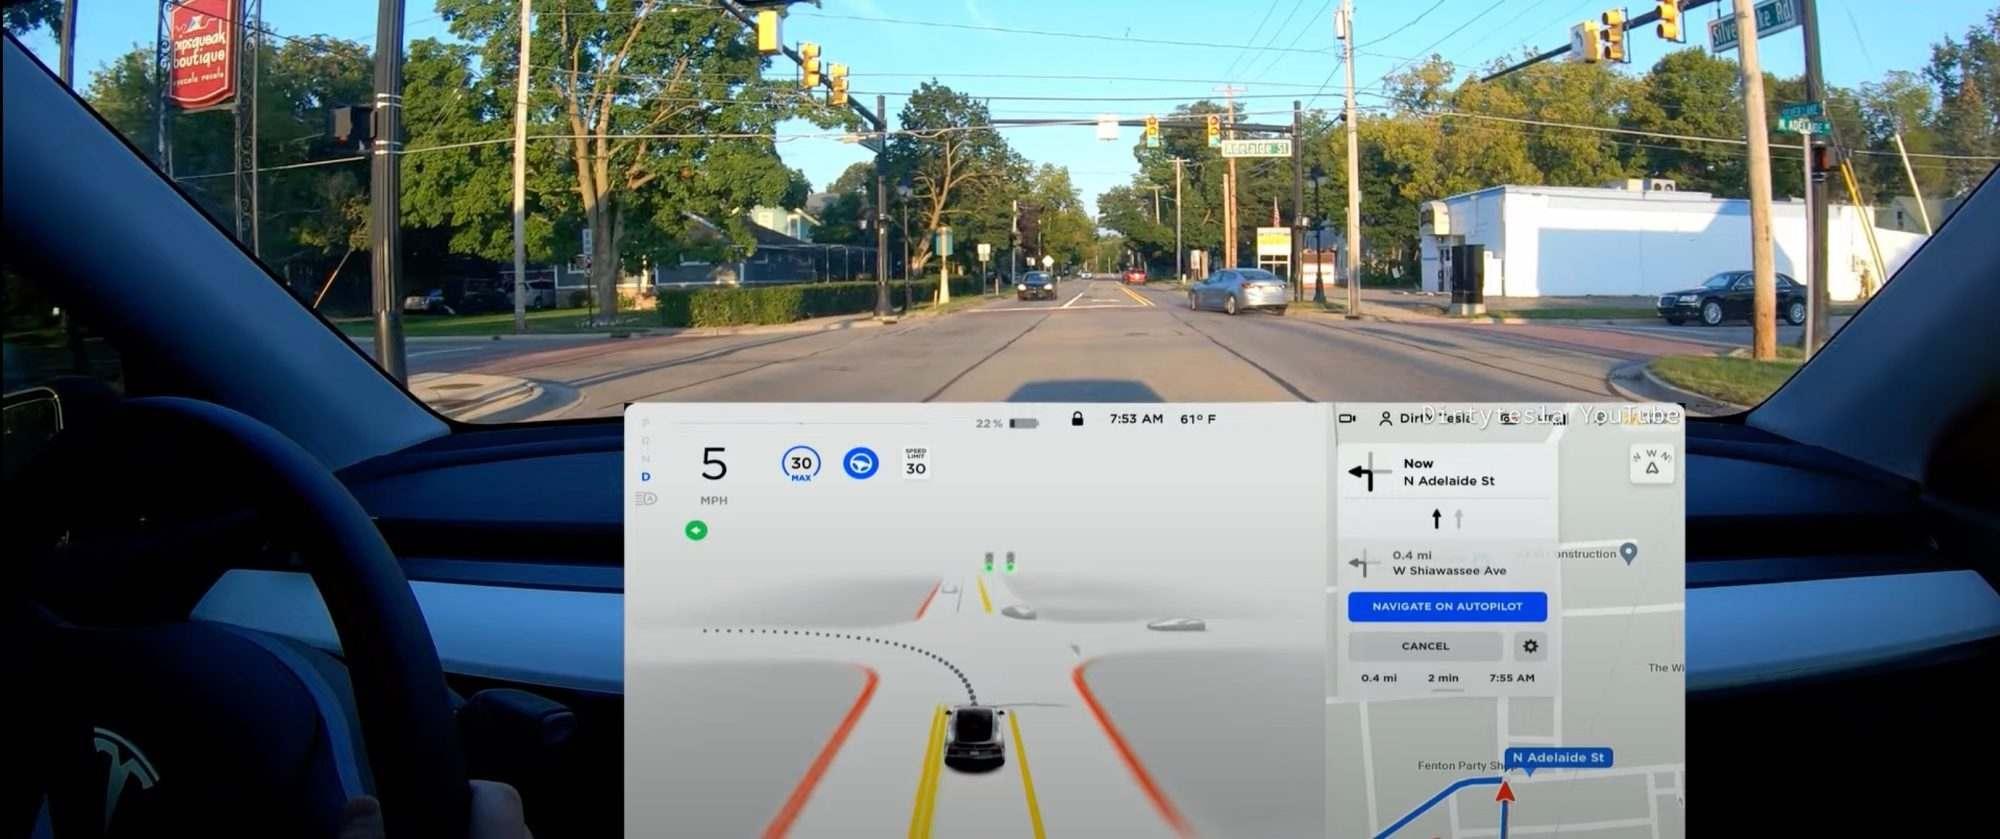 想用自动驾驶还要先考试?特斯拉安全评分系统详解